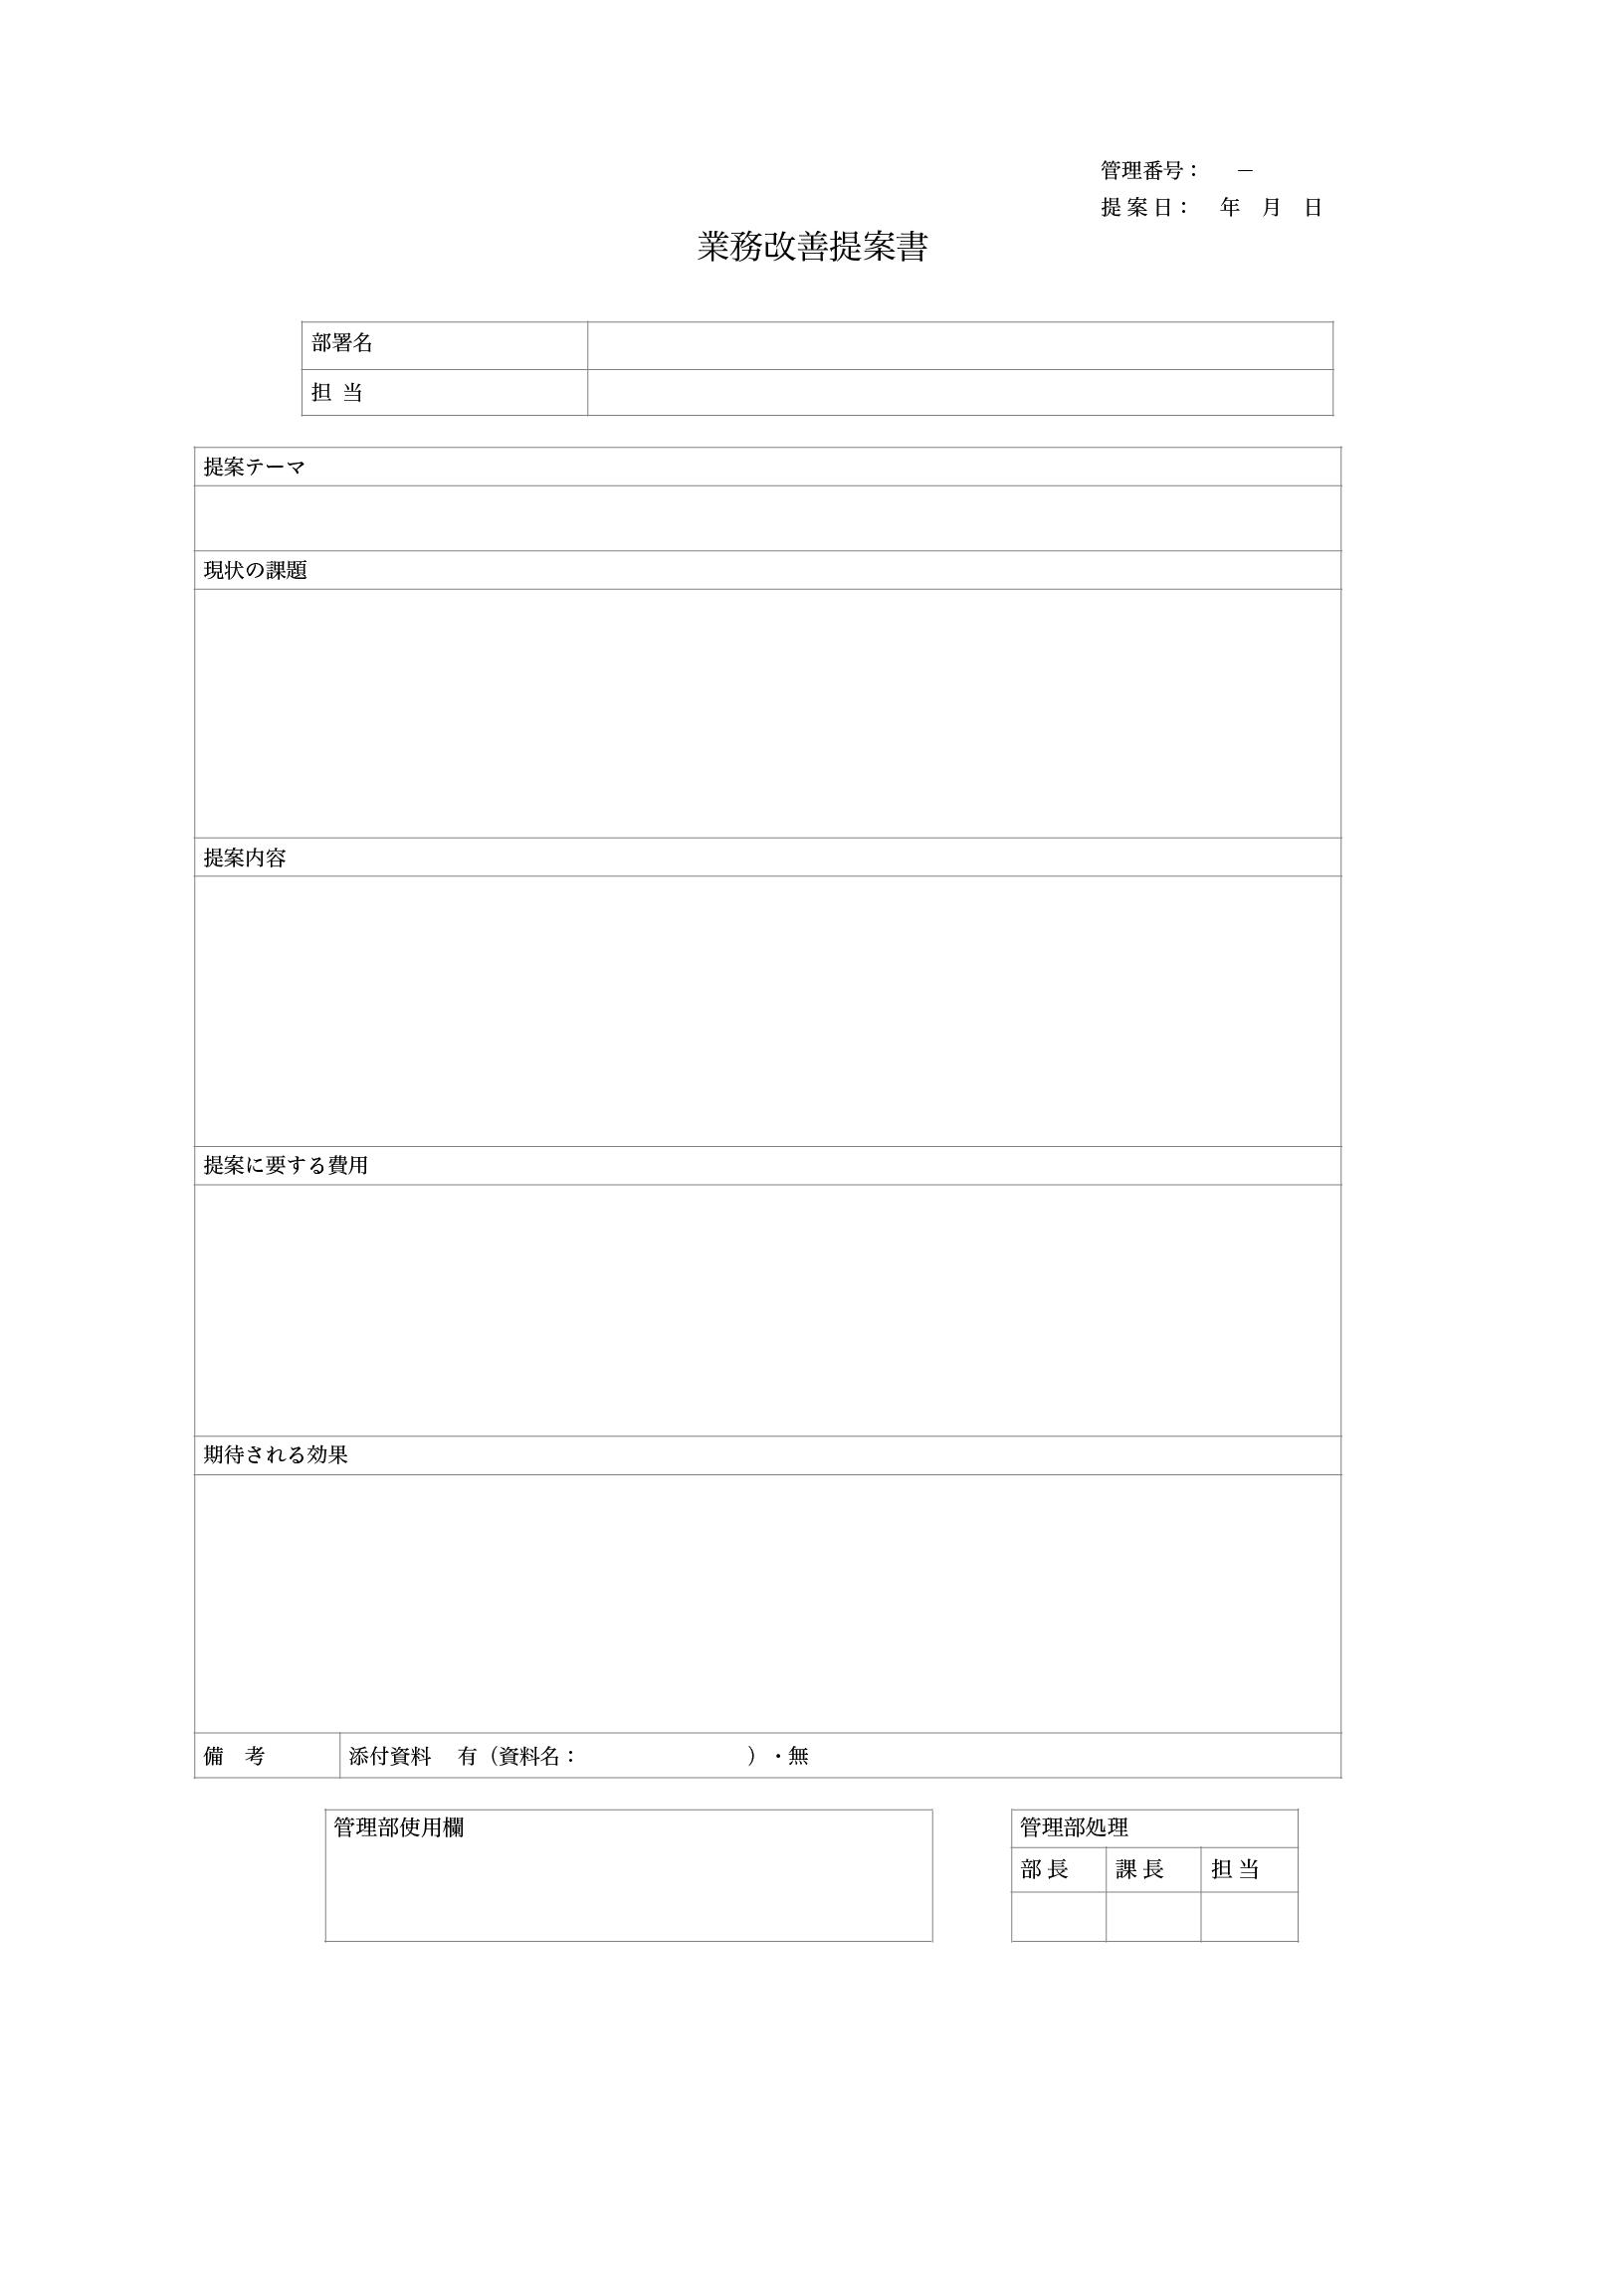 業務提案書 テンプレート(ワード・ページズ)